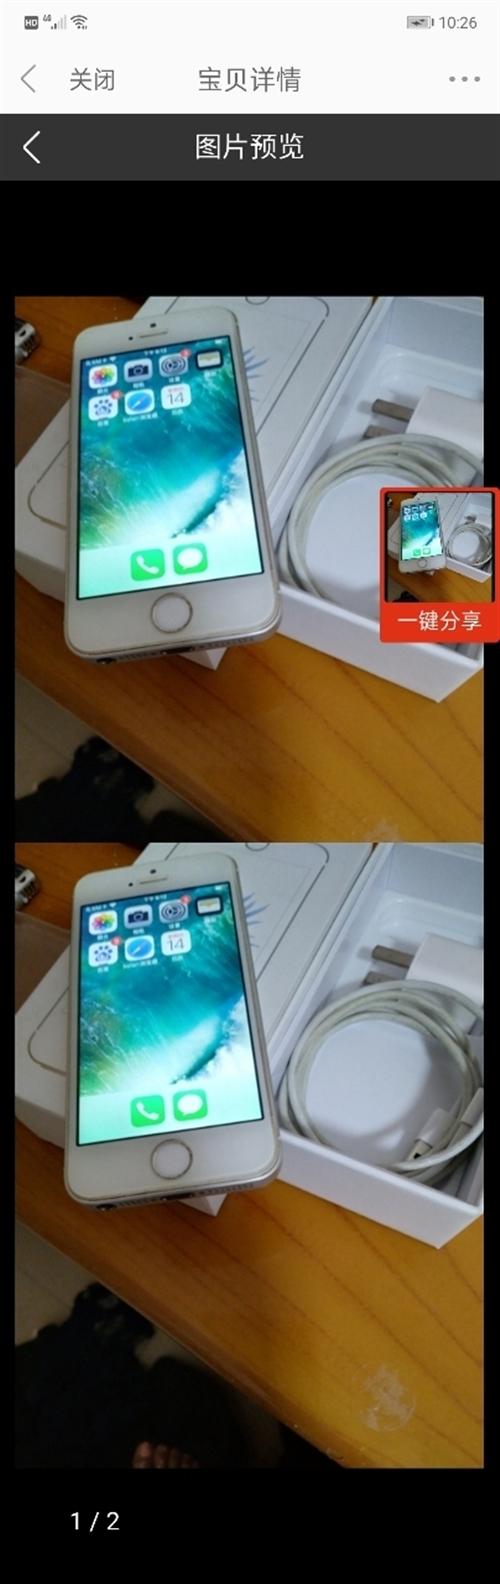 个人一手手机,se国行16g,4g全网通,无擦痕无维修性能优良99新,联系电话13400163904...